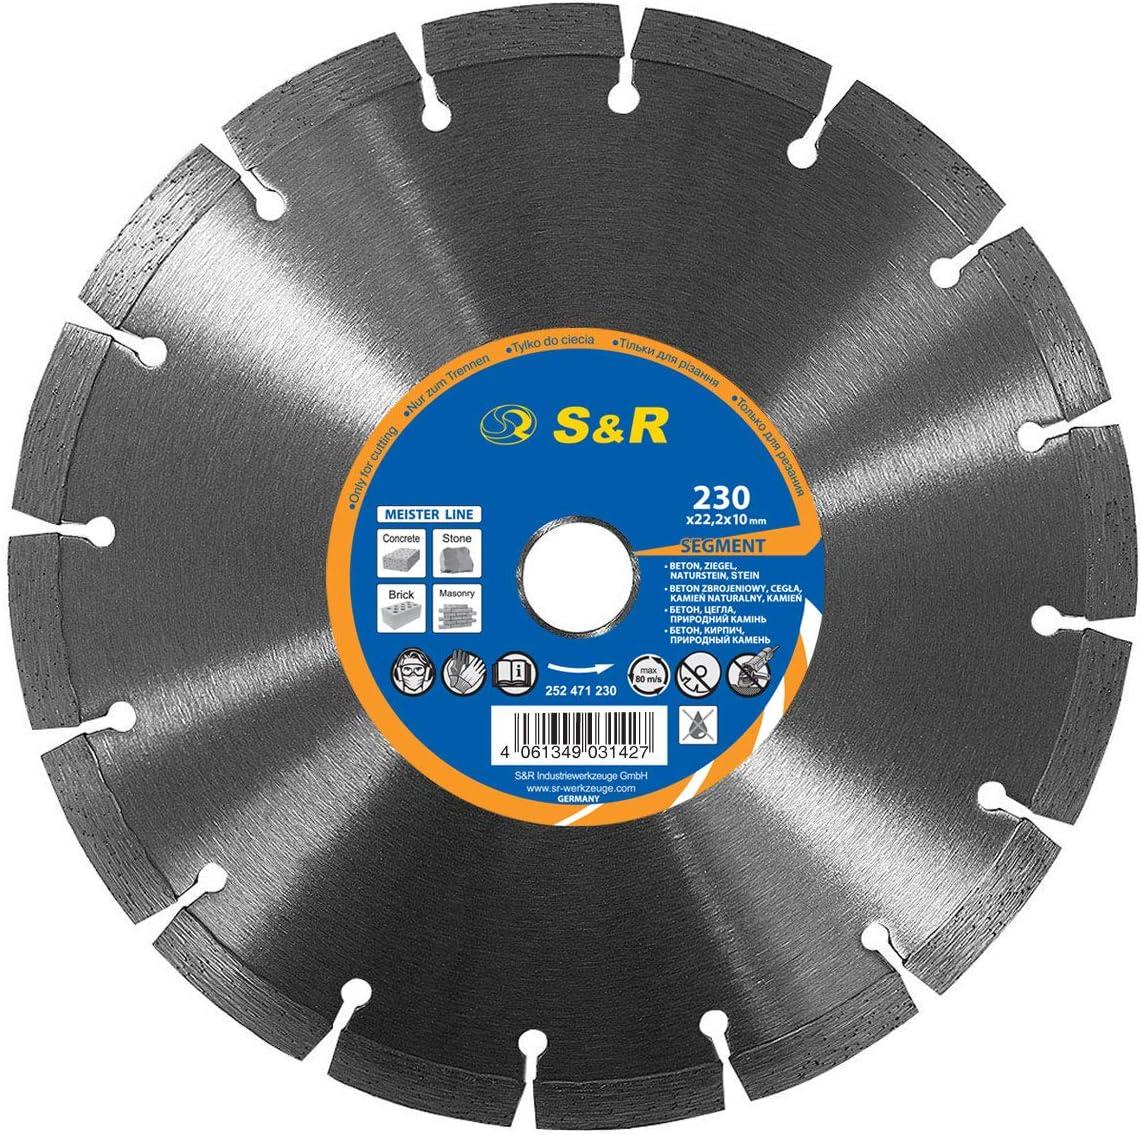 S&R Disco Tronzador Diamante 230 mm x22,2 para Hormigón, Piedra natural, piedra, Ladrillo. Turbo Disco Diamantado Universal para cortar todo tipo de materiales de construcción